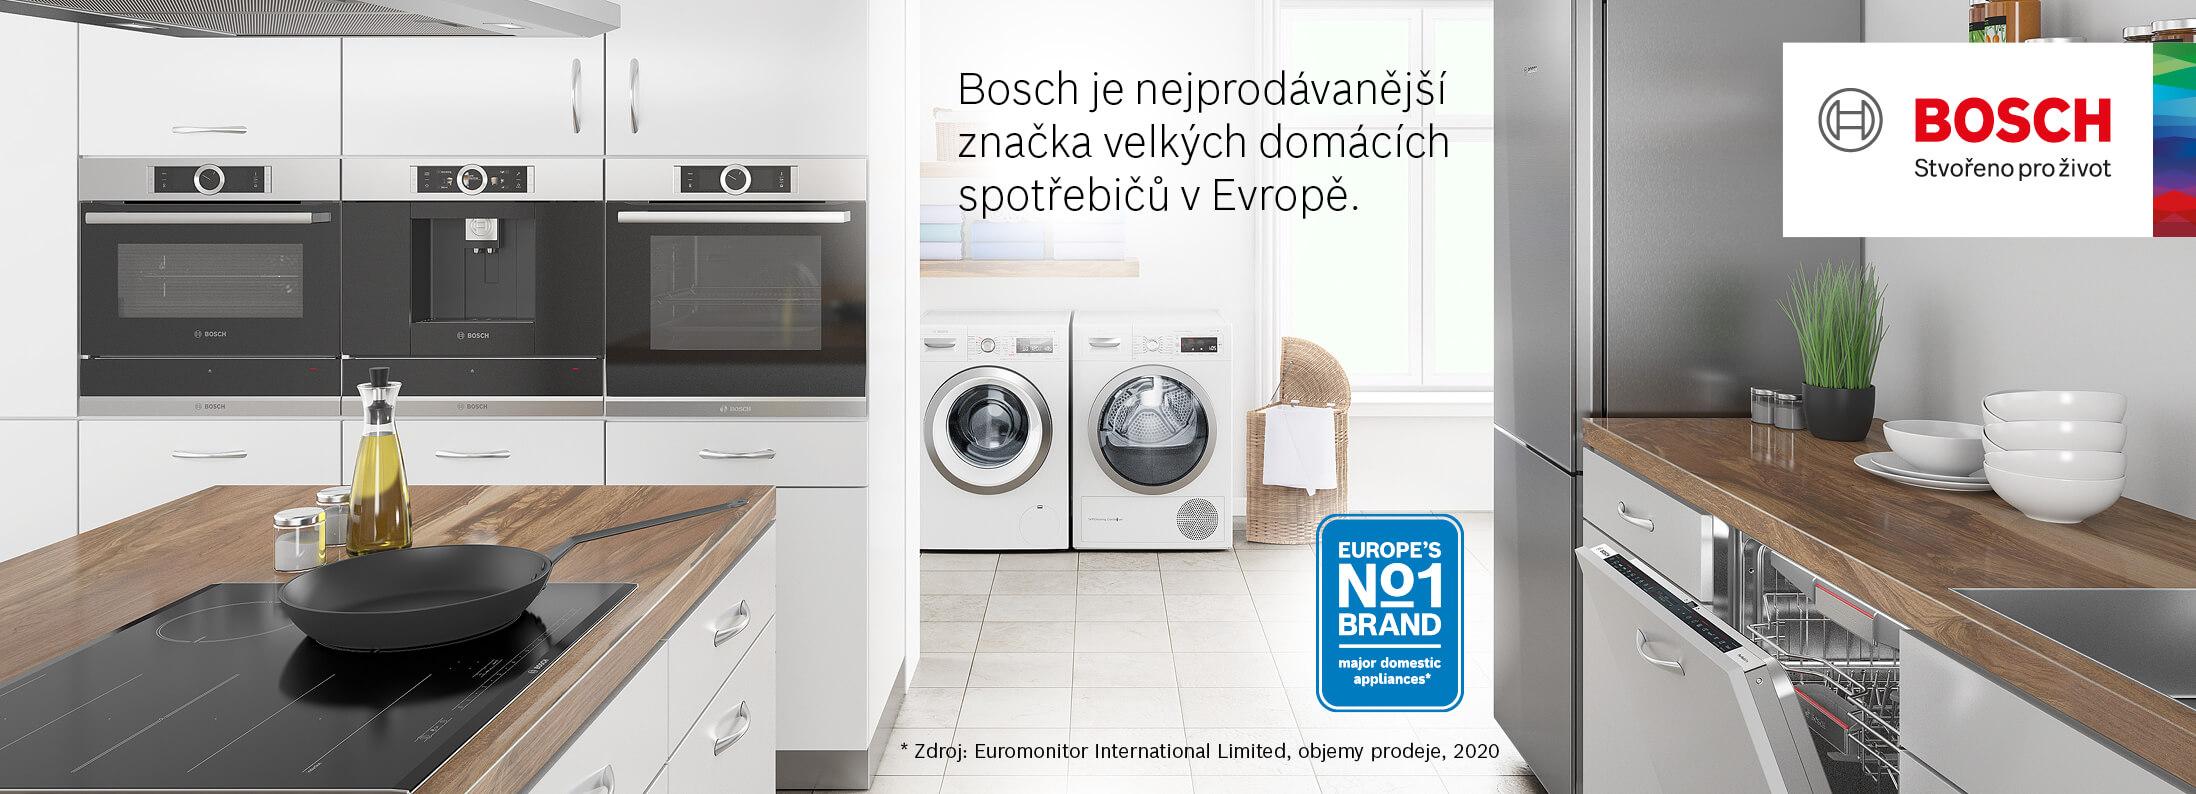 Bosch - Nejprodávanější značka velkých domacích spotřebičů v Evropě